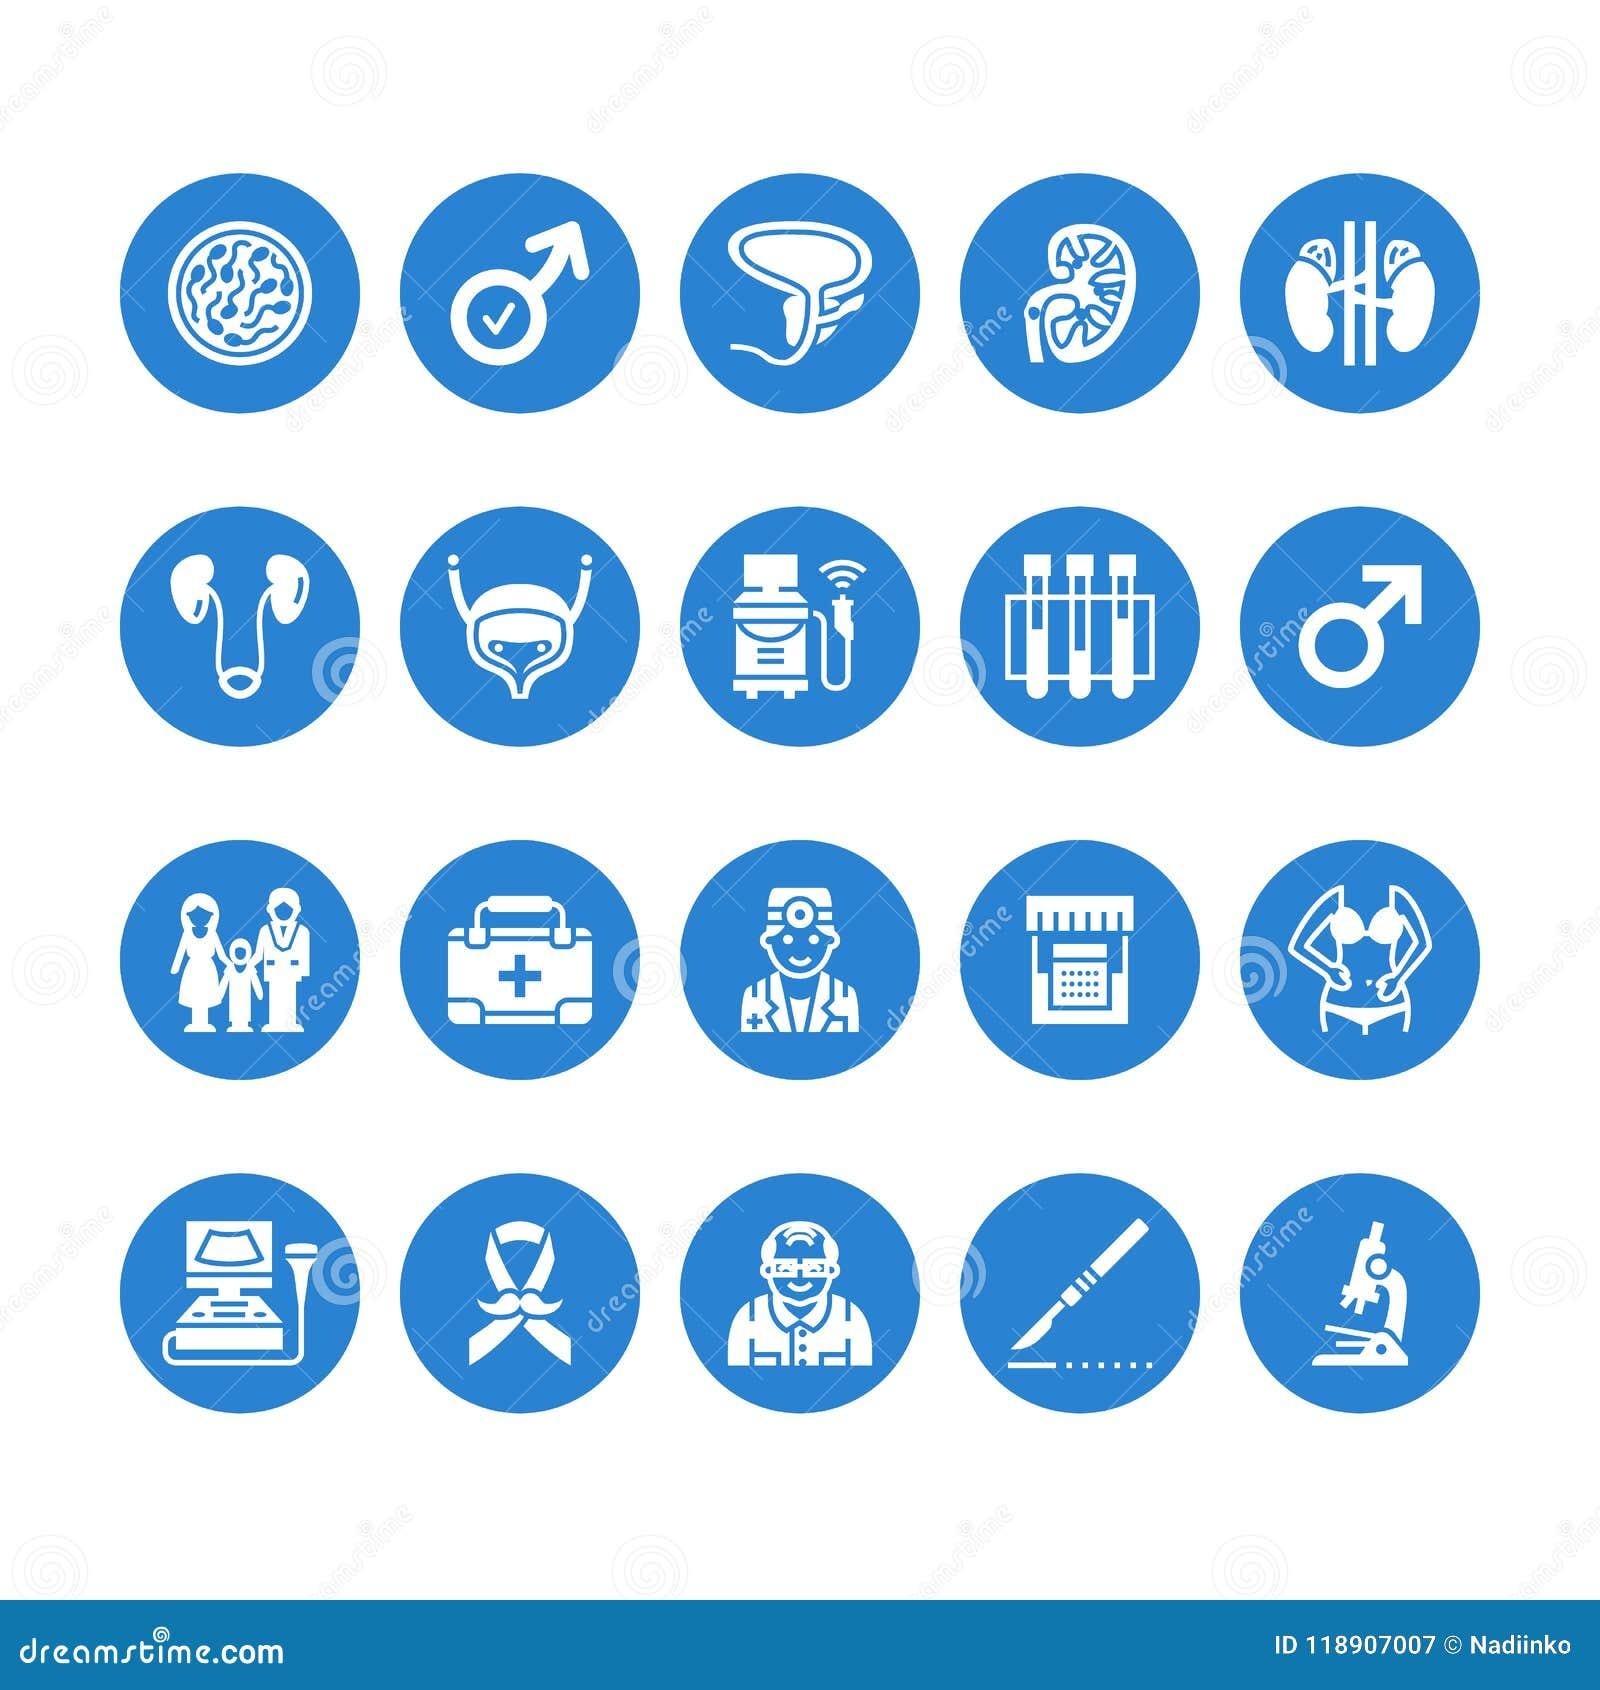 Urology Vector Flat Glyph Icons  Urologist, Bladder, Kidneys